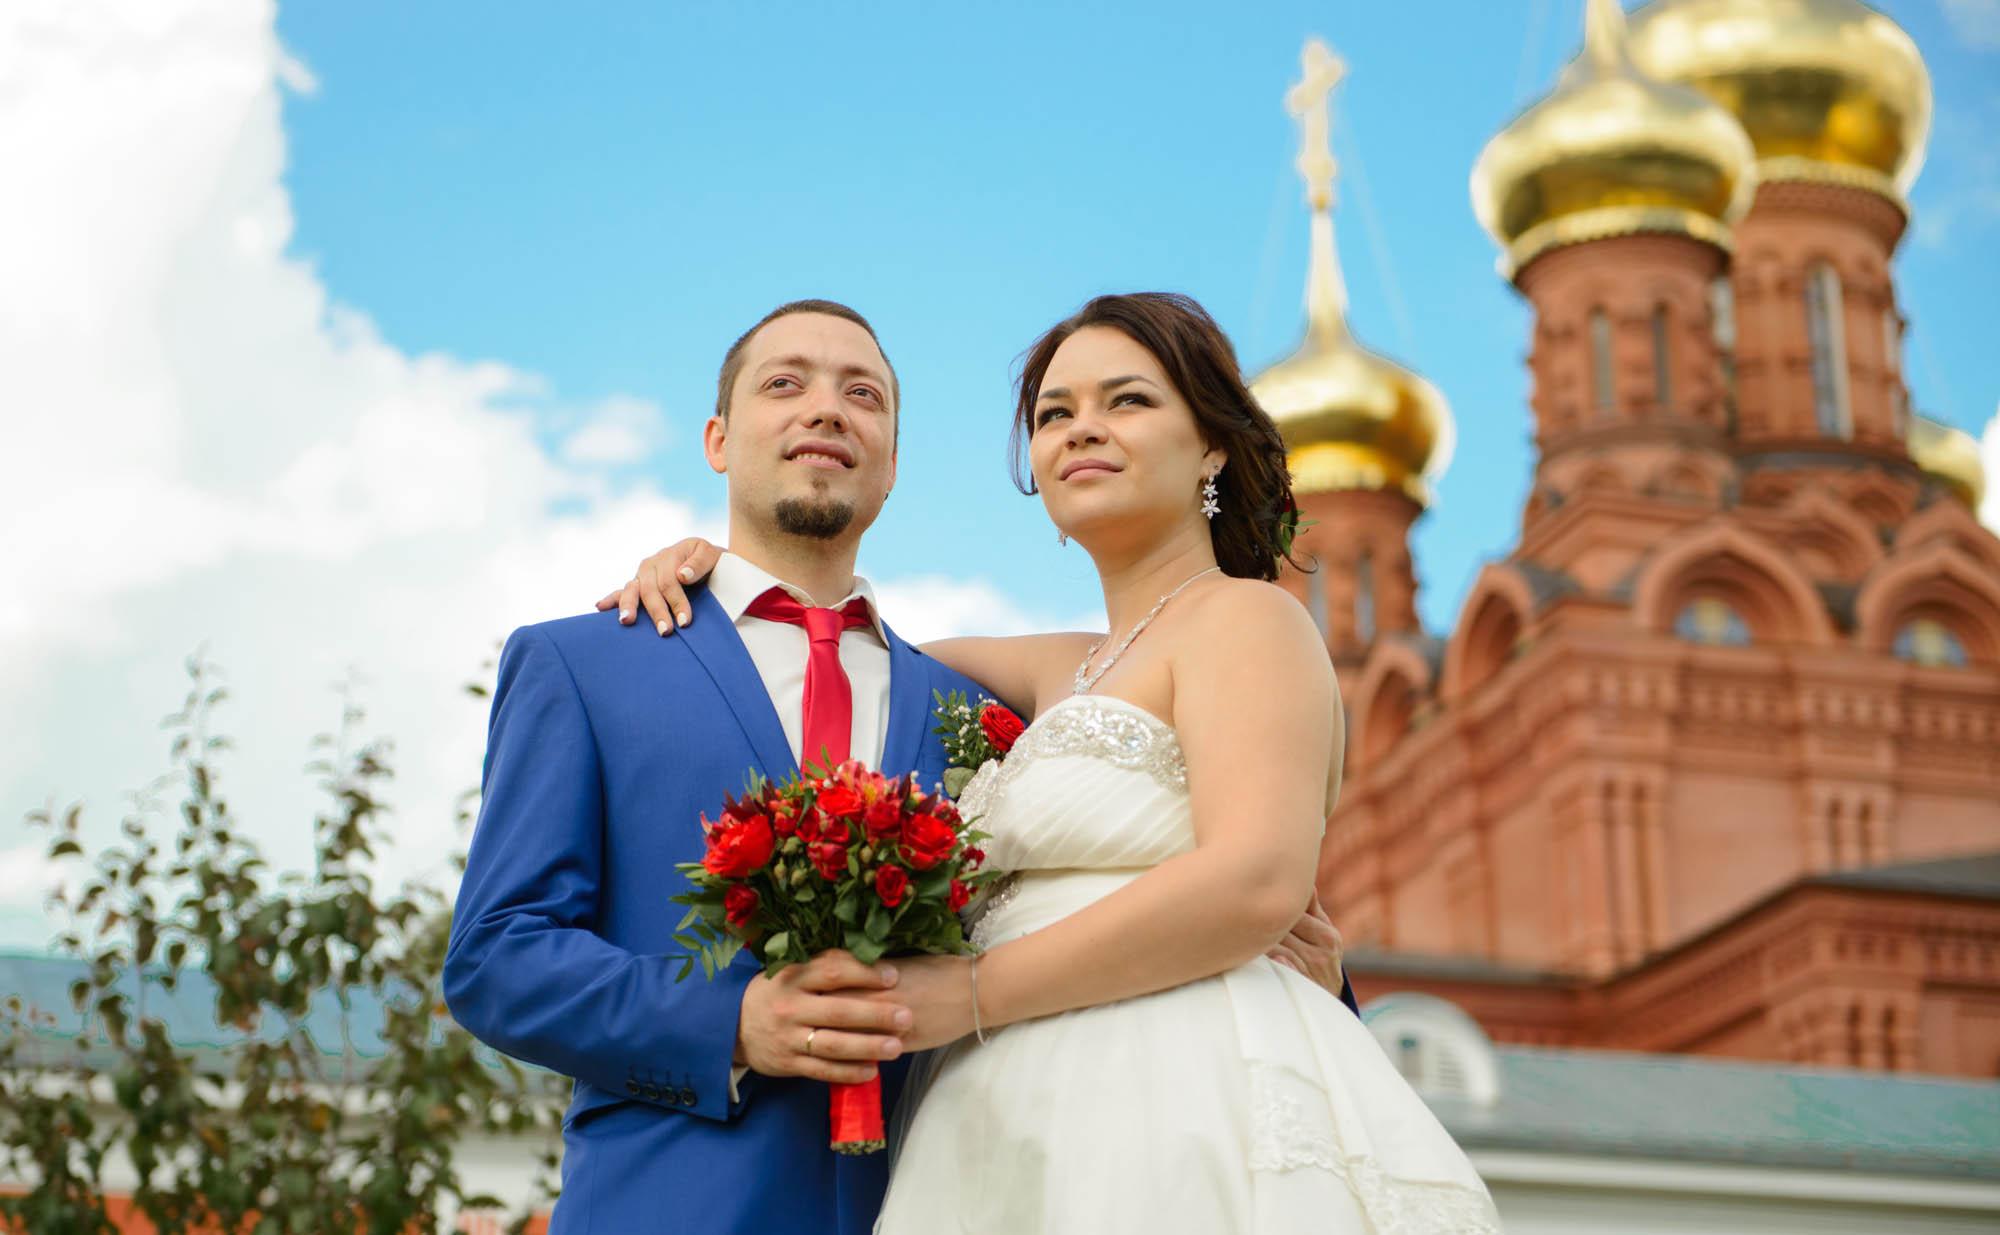 фотосъемка свадьбы, фотограф на свадьбу Королев Пушкино Ивантеевка Сергиев Посад Дмитров